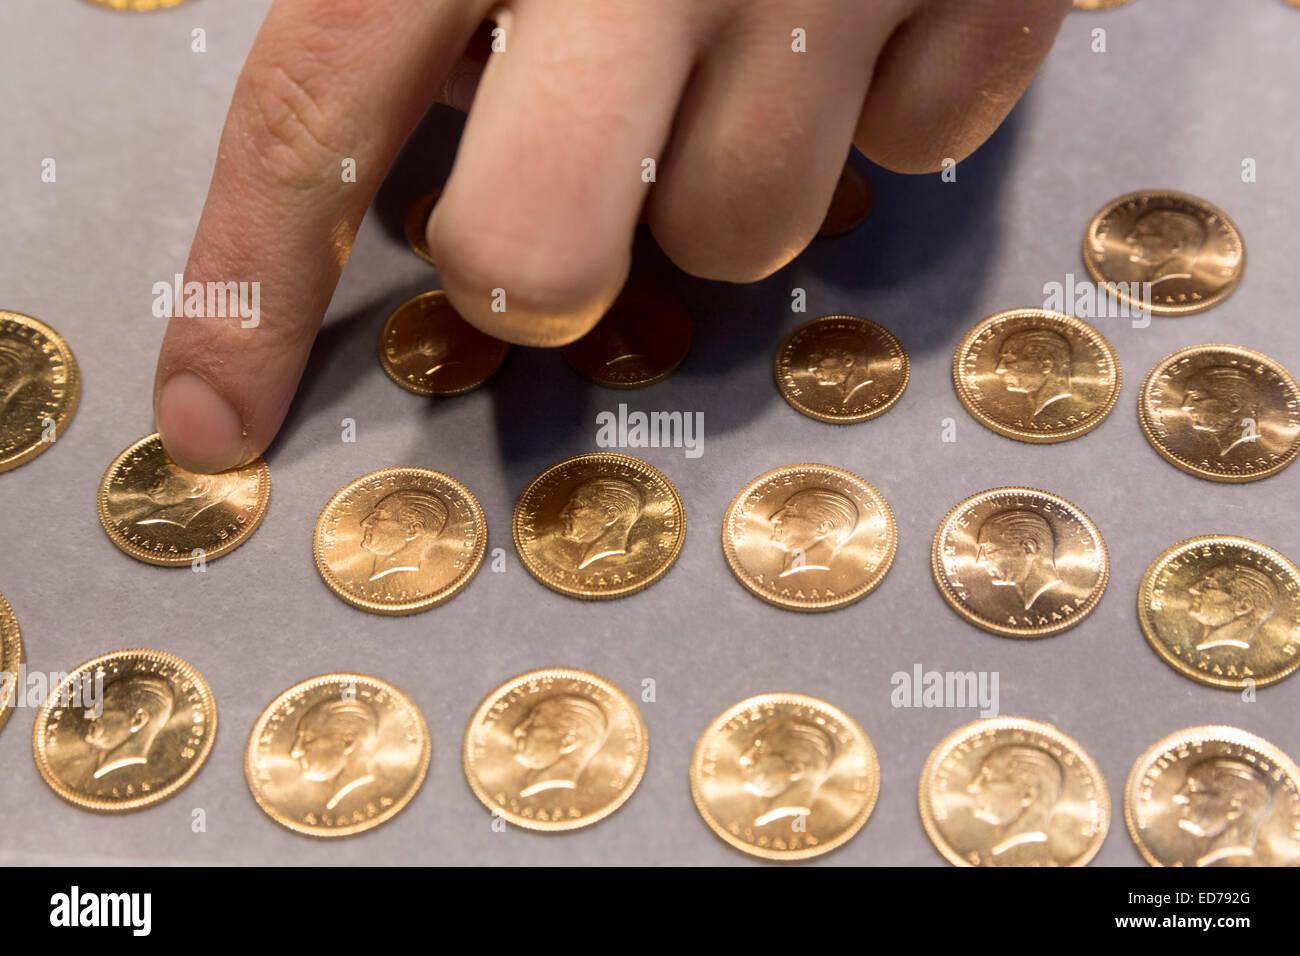 Lira turkey turk turkish stock photos lira turkey turk turkish gold turkish lira coins turk lirasi 22 carat ataturk image in the grand bazaar kapalicarsi buycottarizona